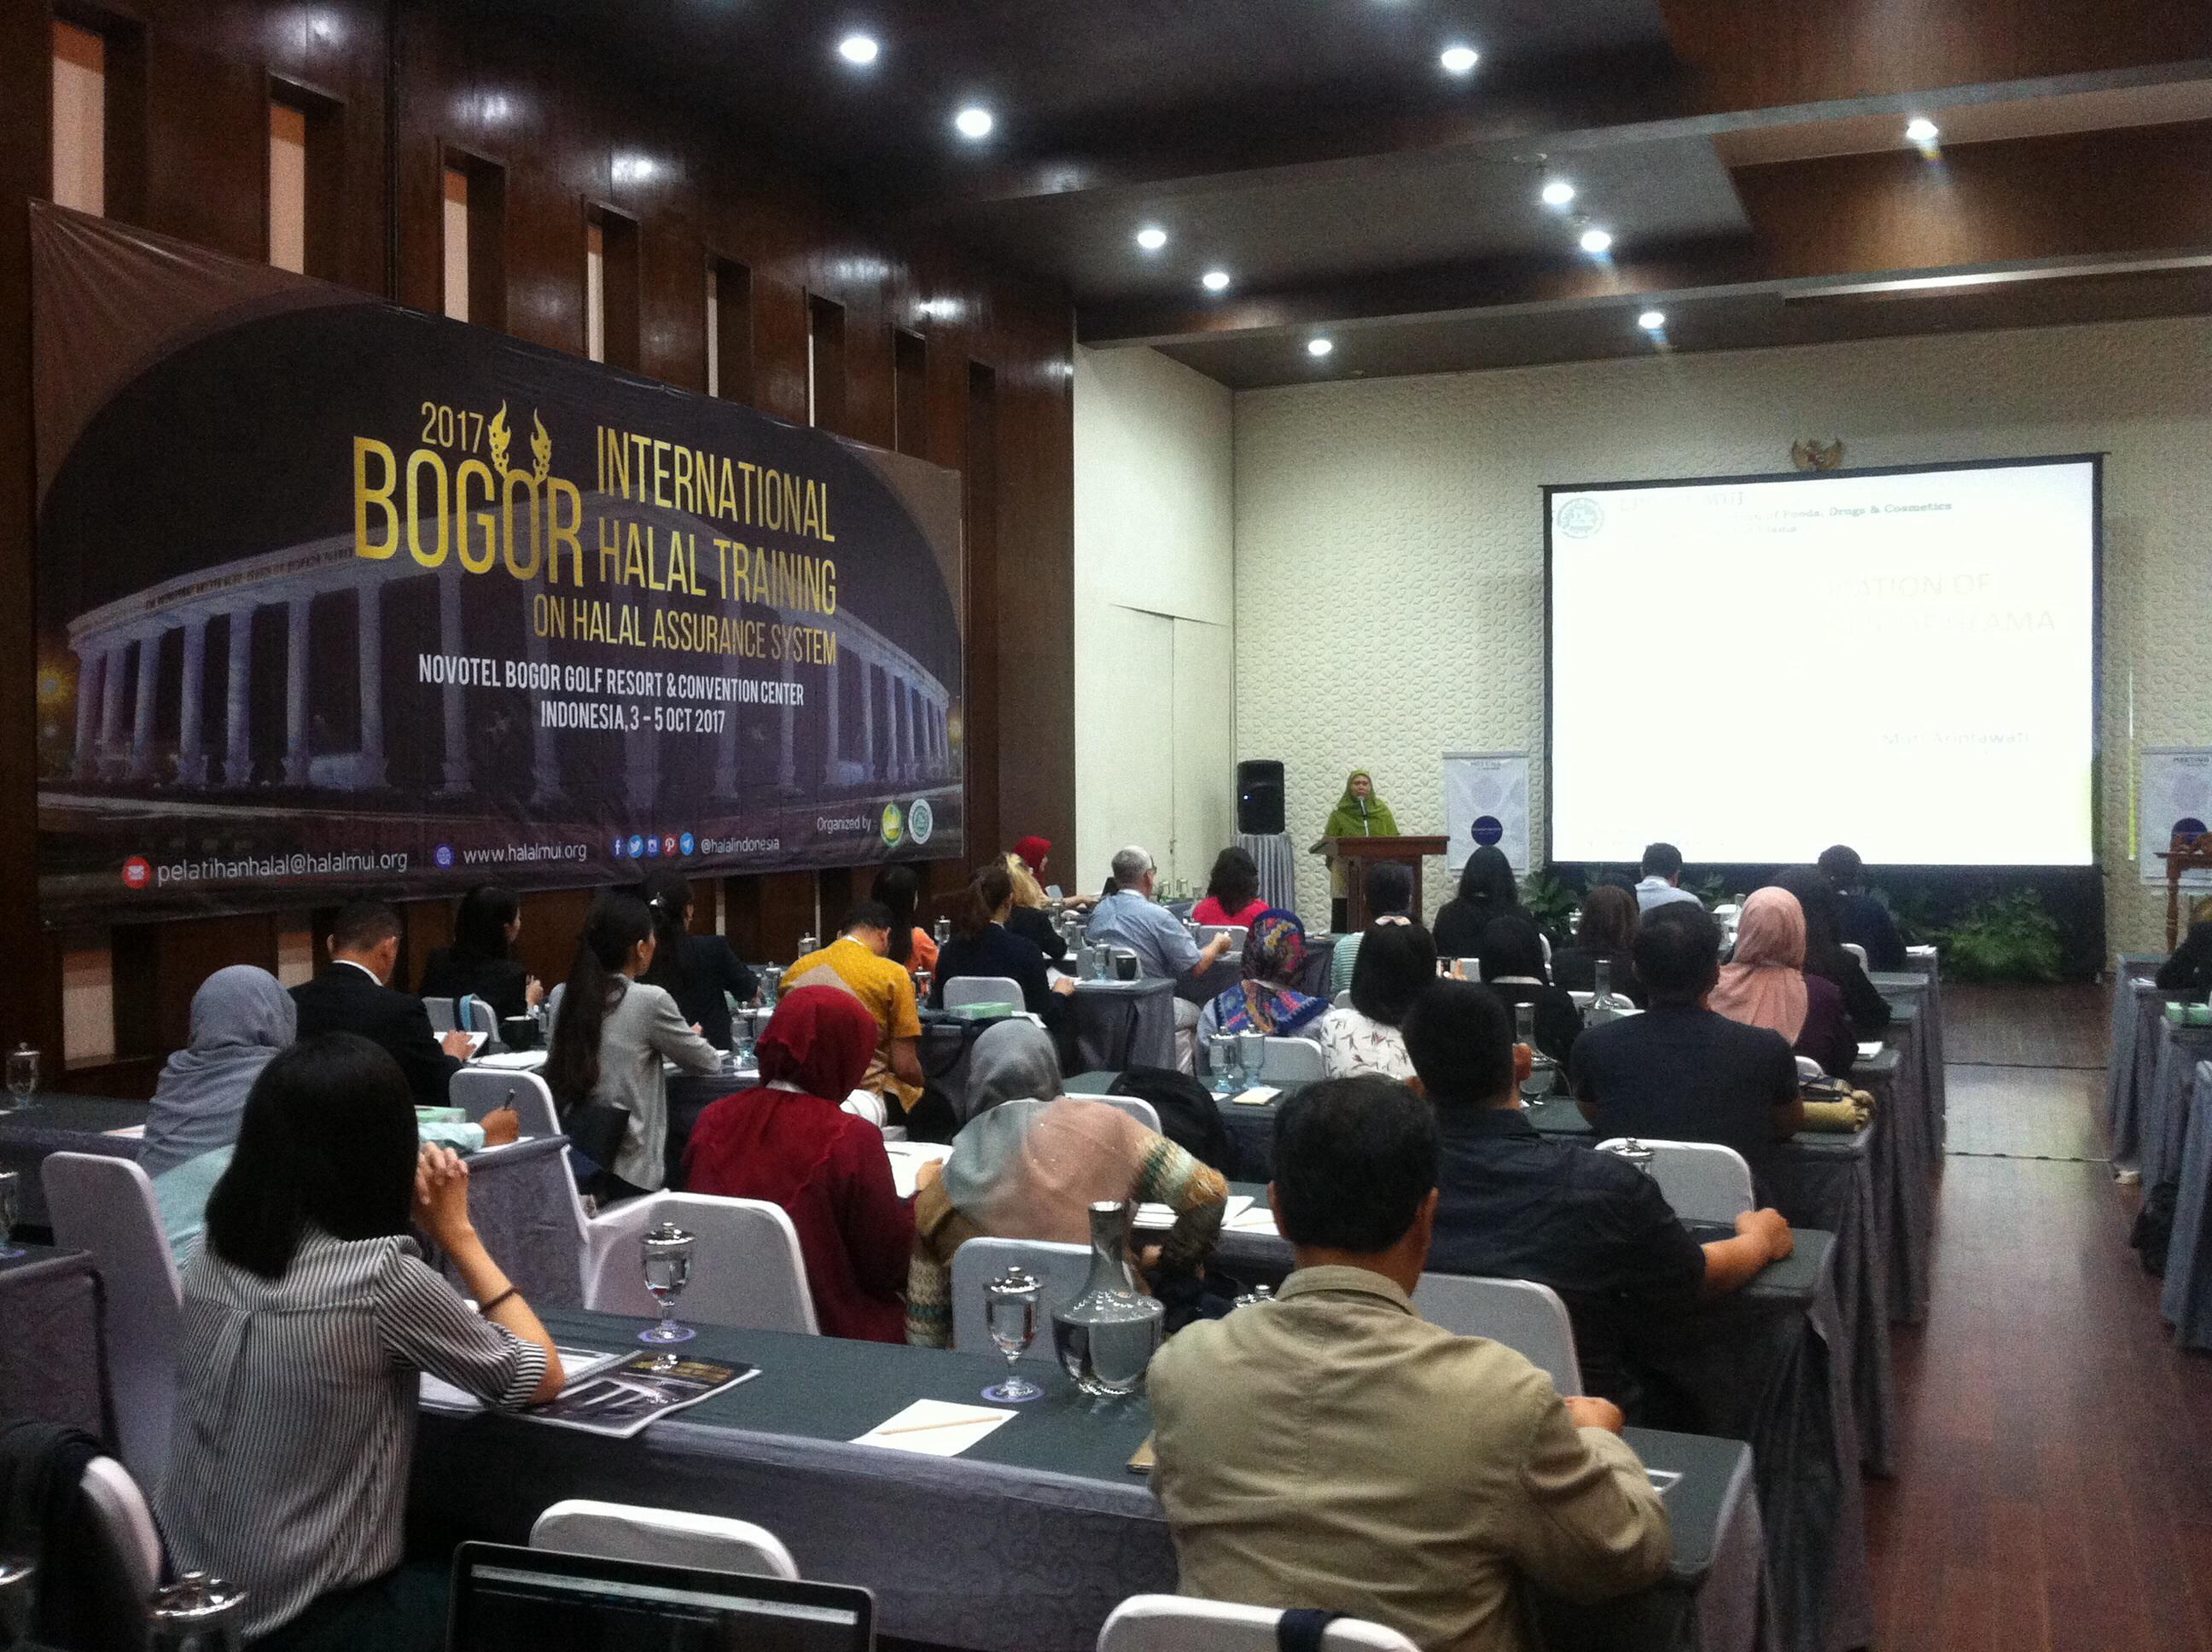 Pelatihan Sistem Jaminan Halal Tingkat Dunia Digelar di Bogor